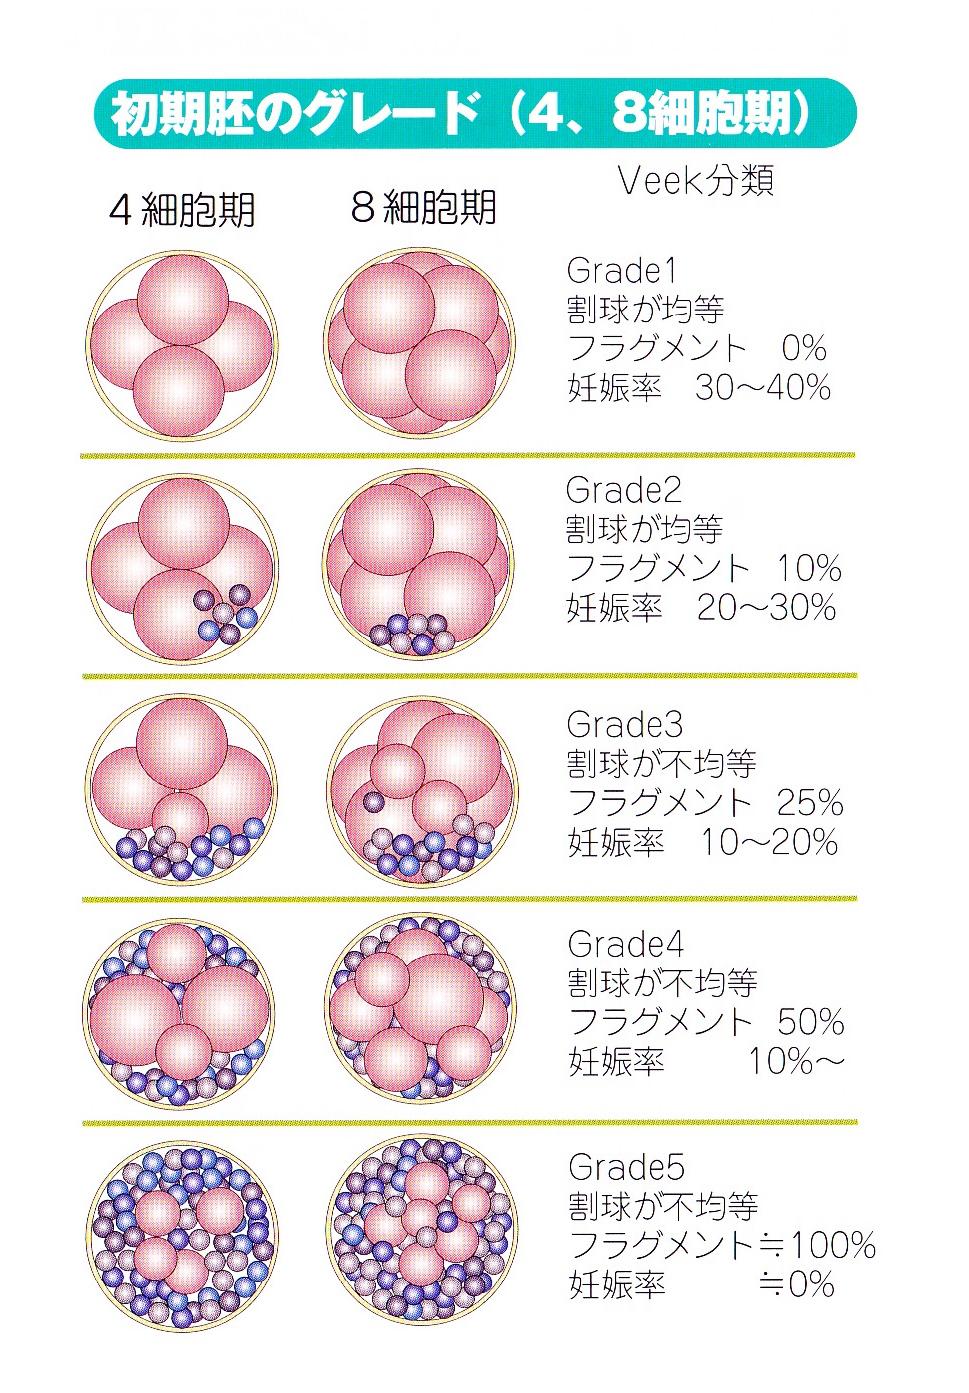 グレード 胚 移植